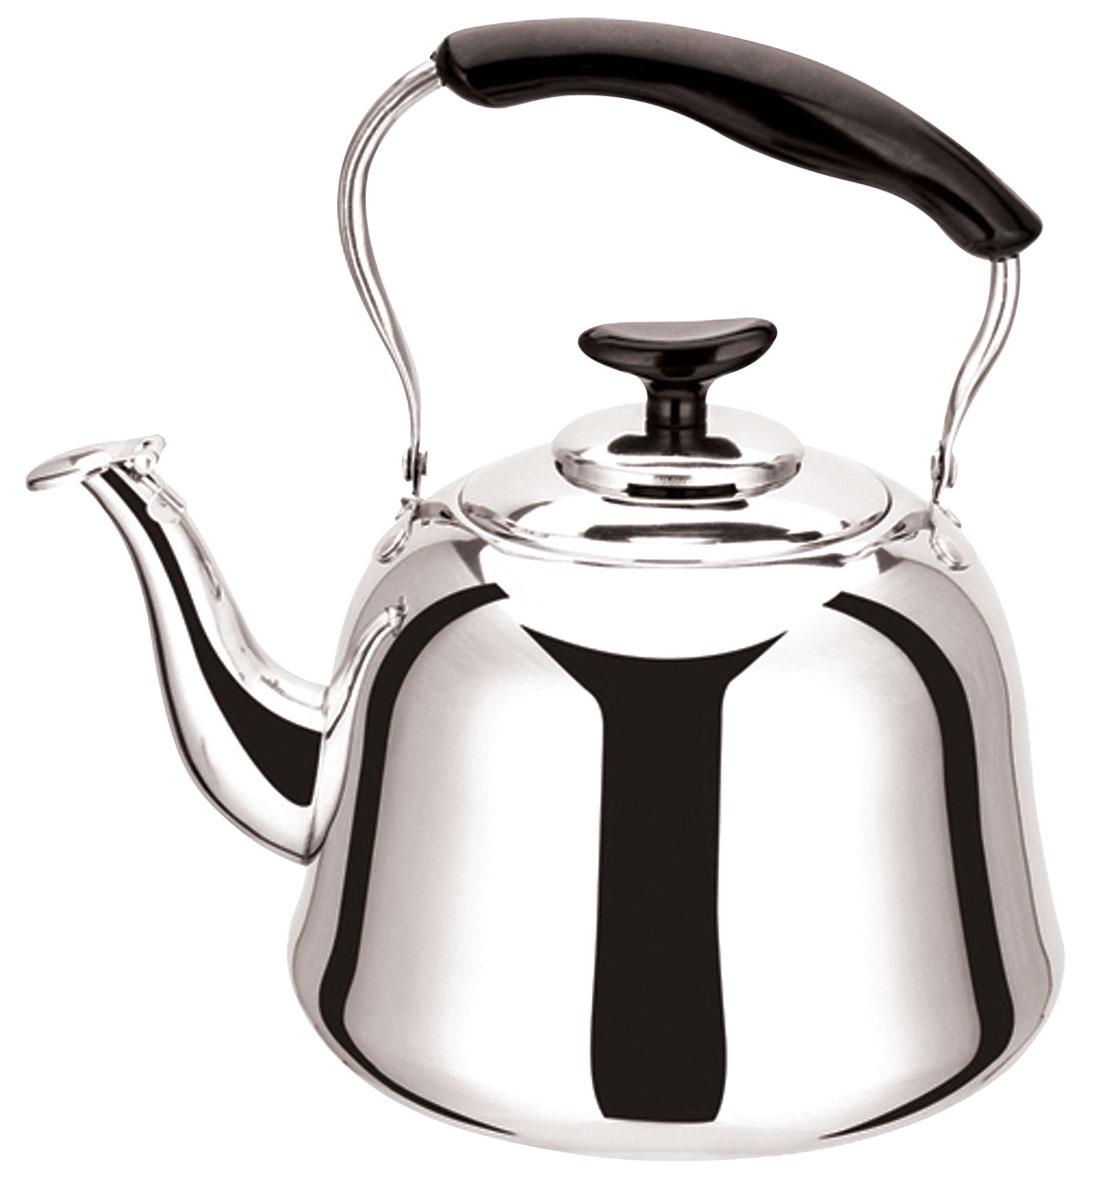 Чайник Bekker Koch со свистком, 5 л. BK-S479VT-1520(SR)Чайник Bekker Koch изготовлен из высококачественной нержавеющей стали с зеркальной полировкой. Цельнометаллическое дно распределяет тепло по всей поверхности, что позволяет чайнику быстро закипать. Эргономичная подвижная ручка выполнена из нержавеющей стали и бакелита черного цвета. Носик оснащен откидным свистком, который подскажет, когда вода закипела. Широкое отверстие по верхнему краю позволяет удобно наливать воду.Подходит для всех типов плит, включая индукционные. Можно мыть в посудомоечной машине.